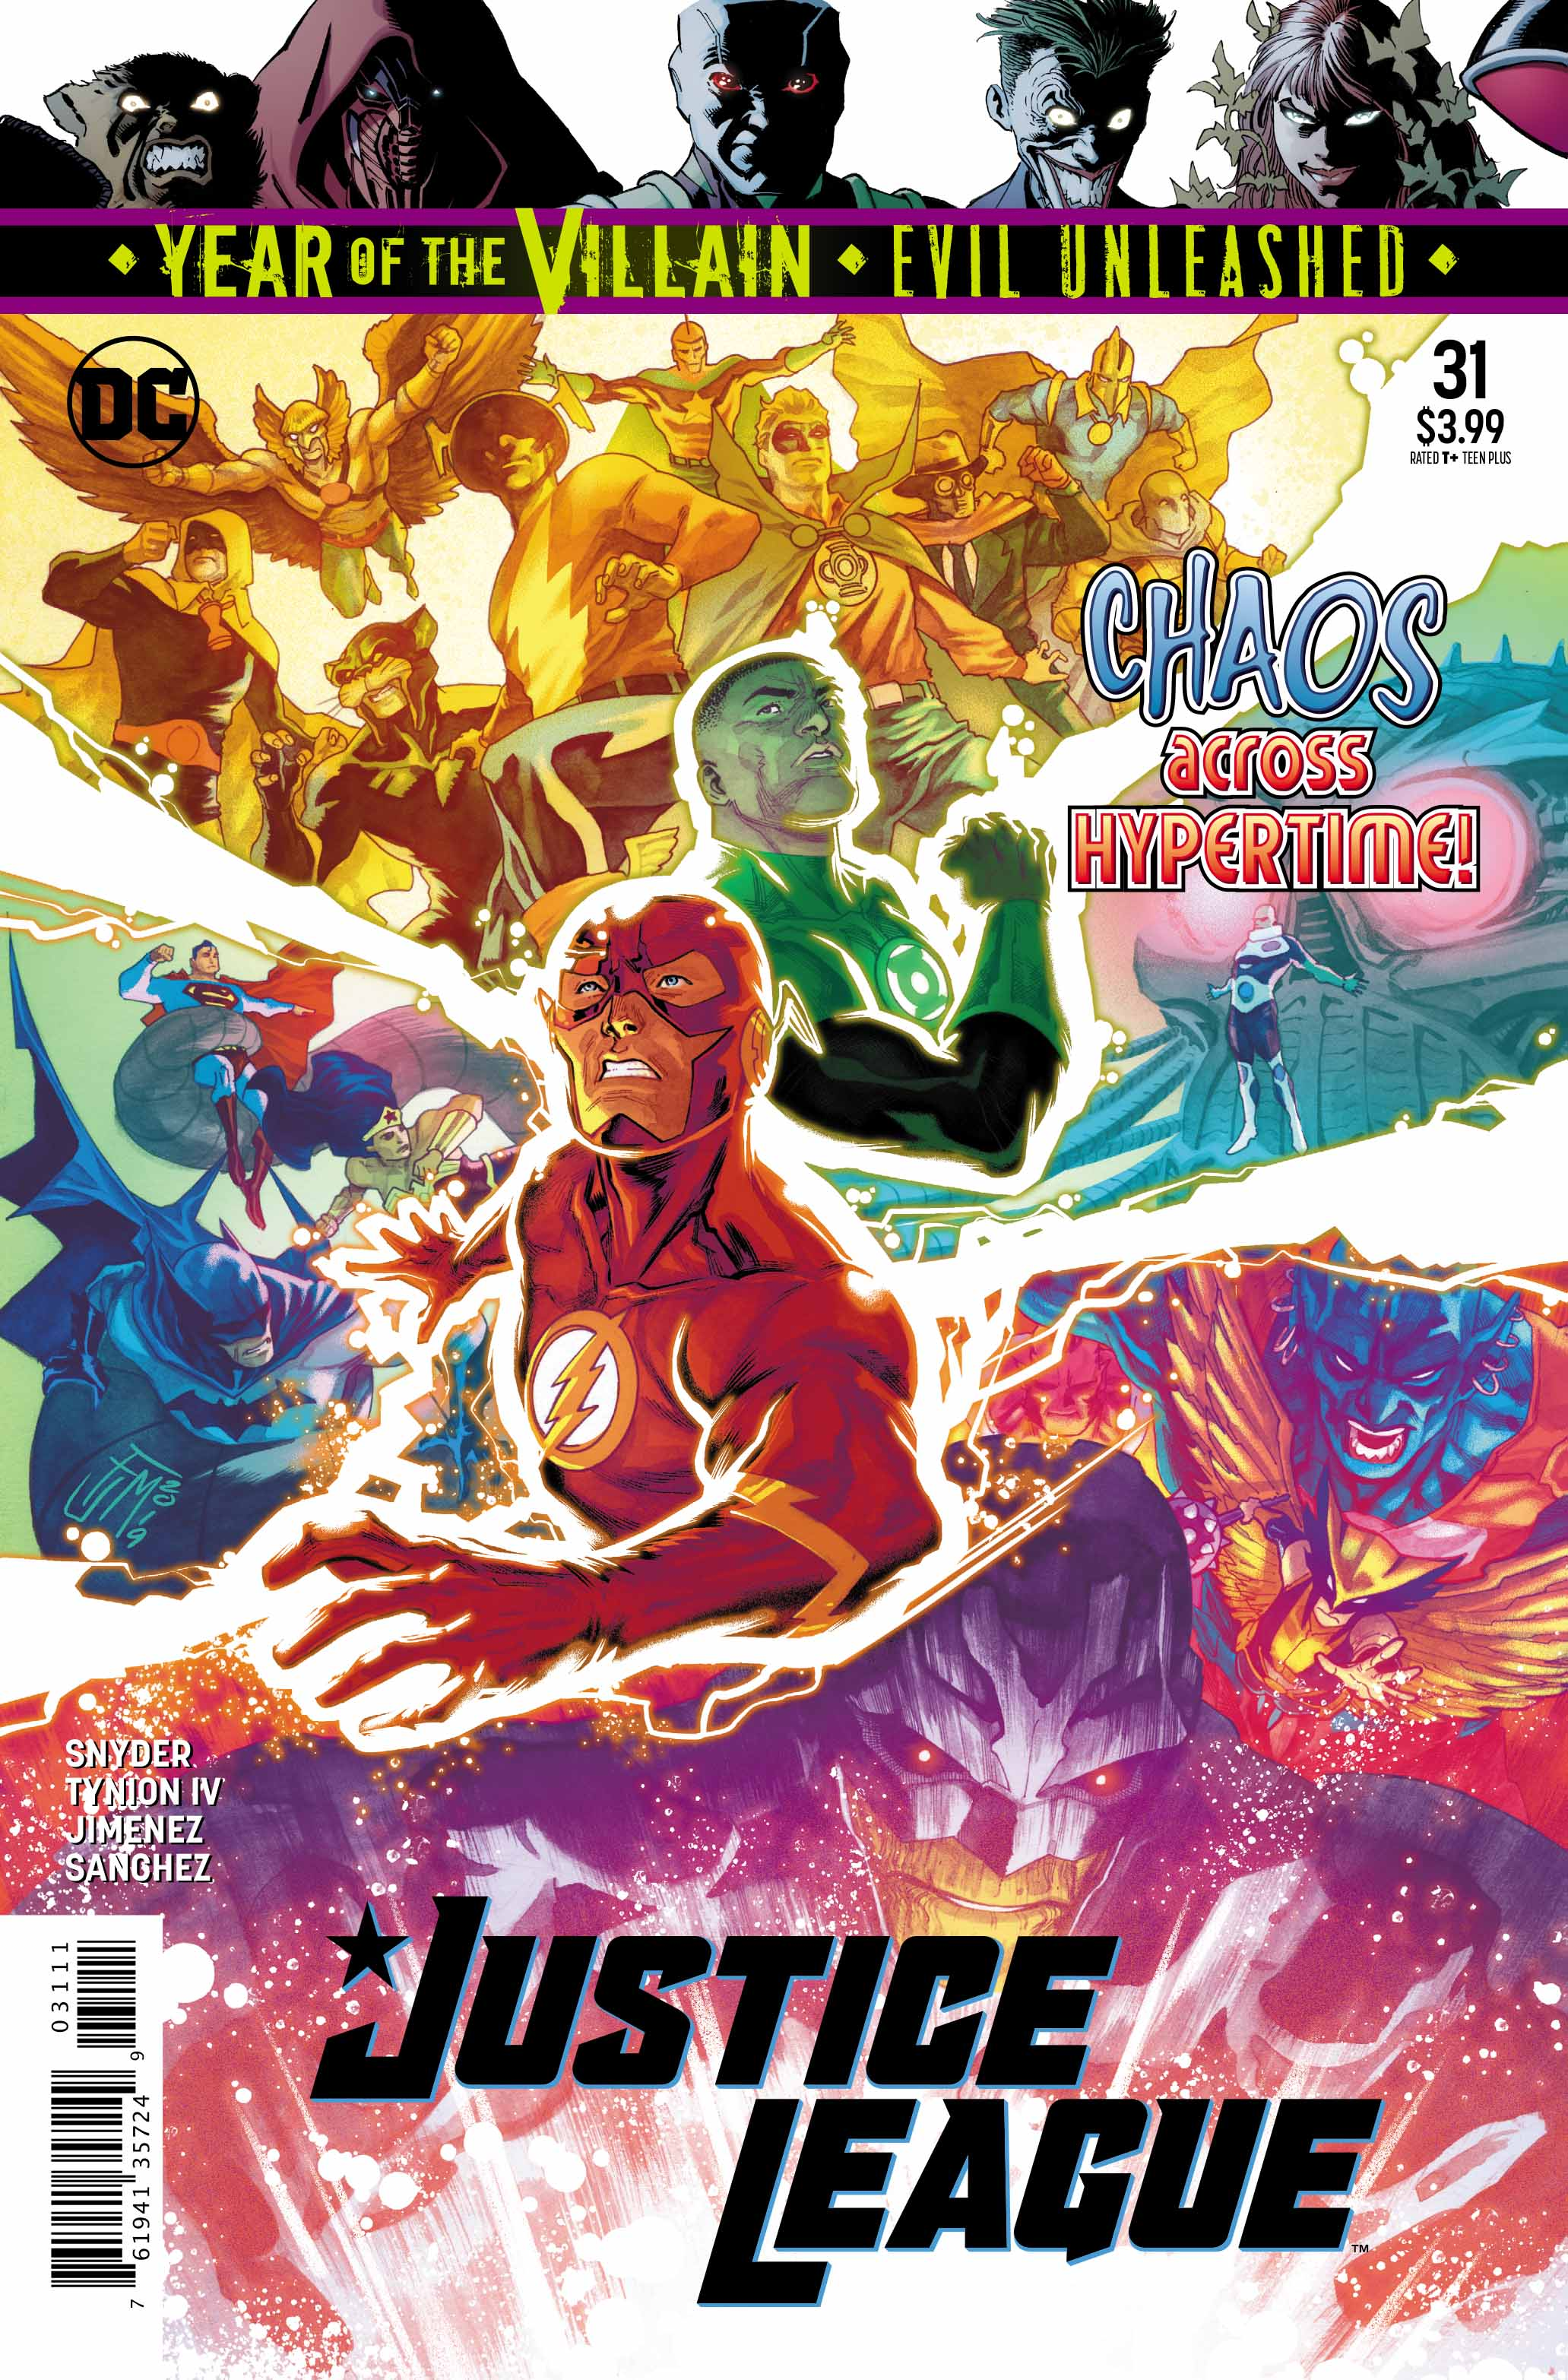 justice league #31